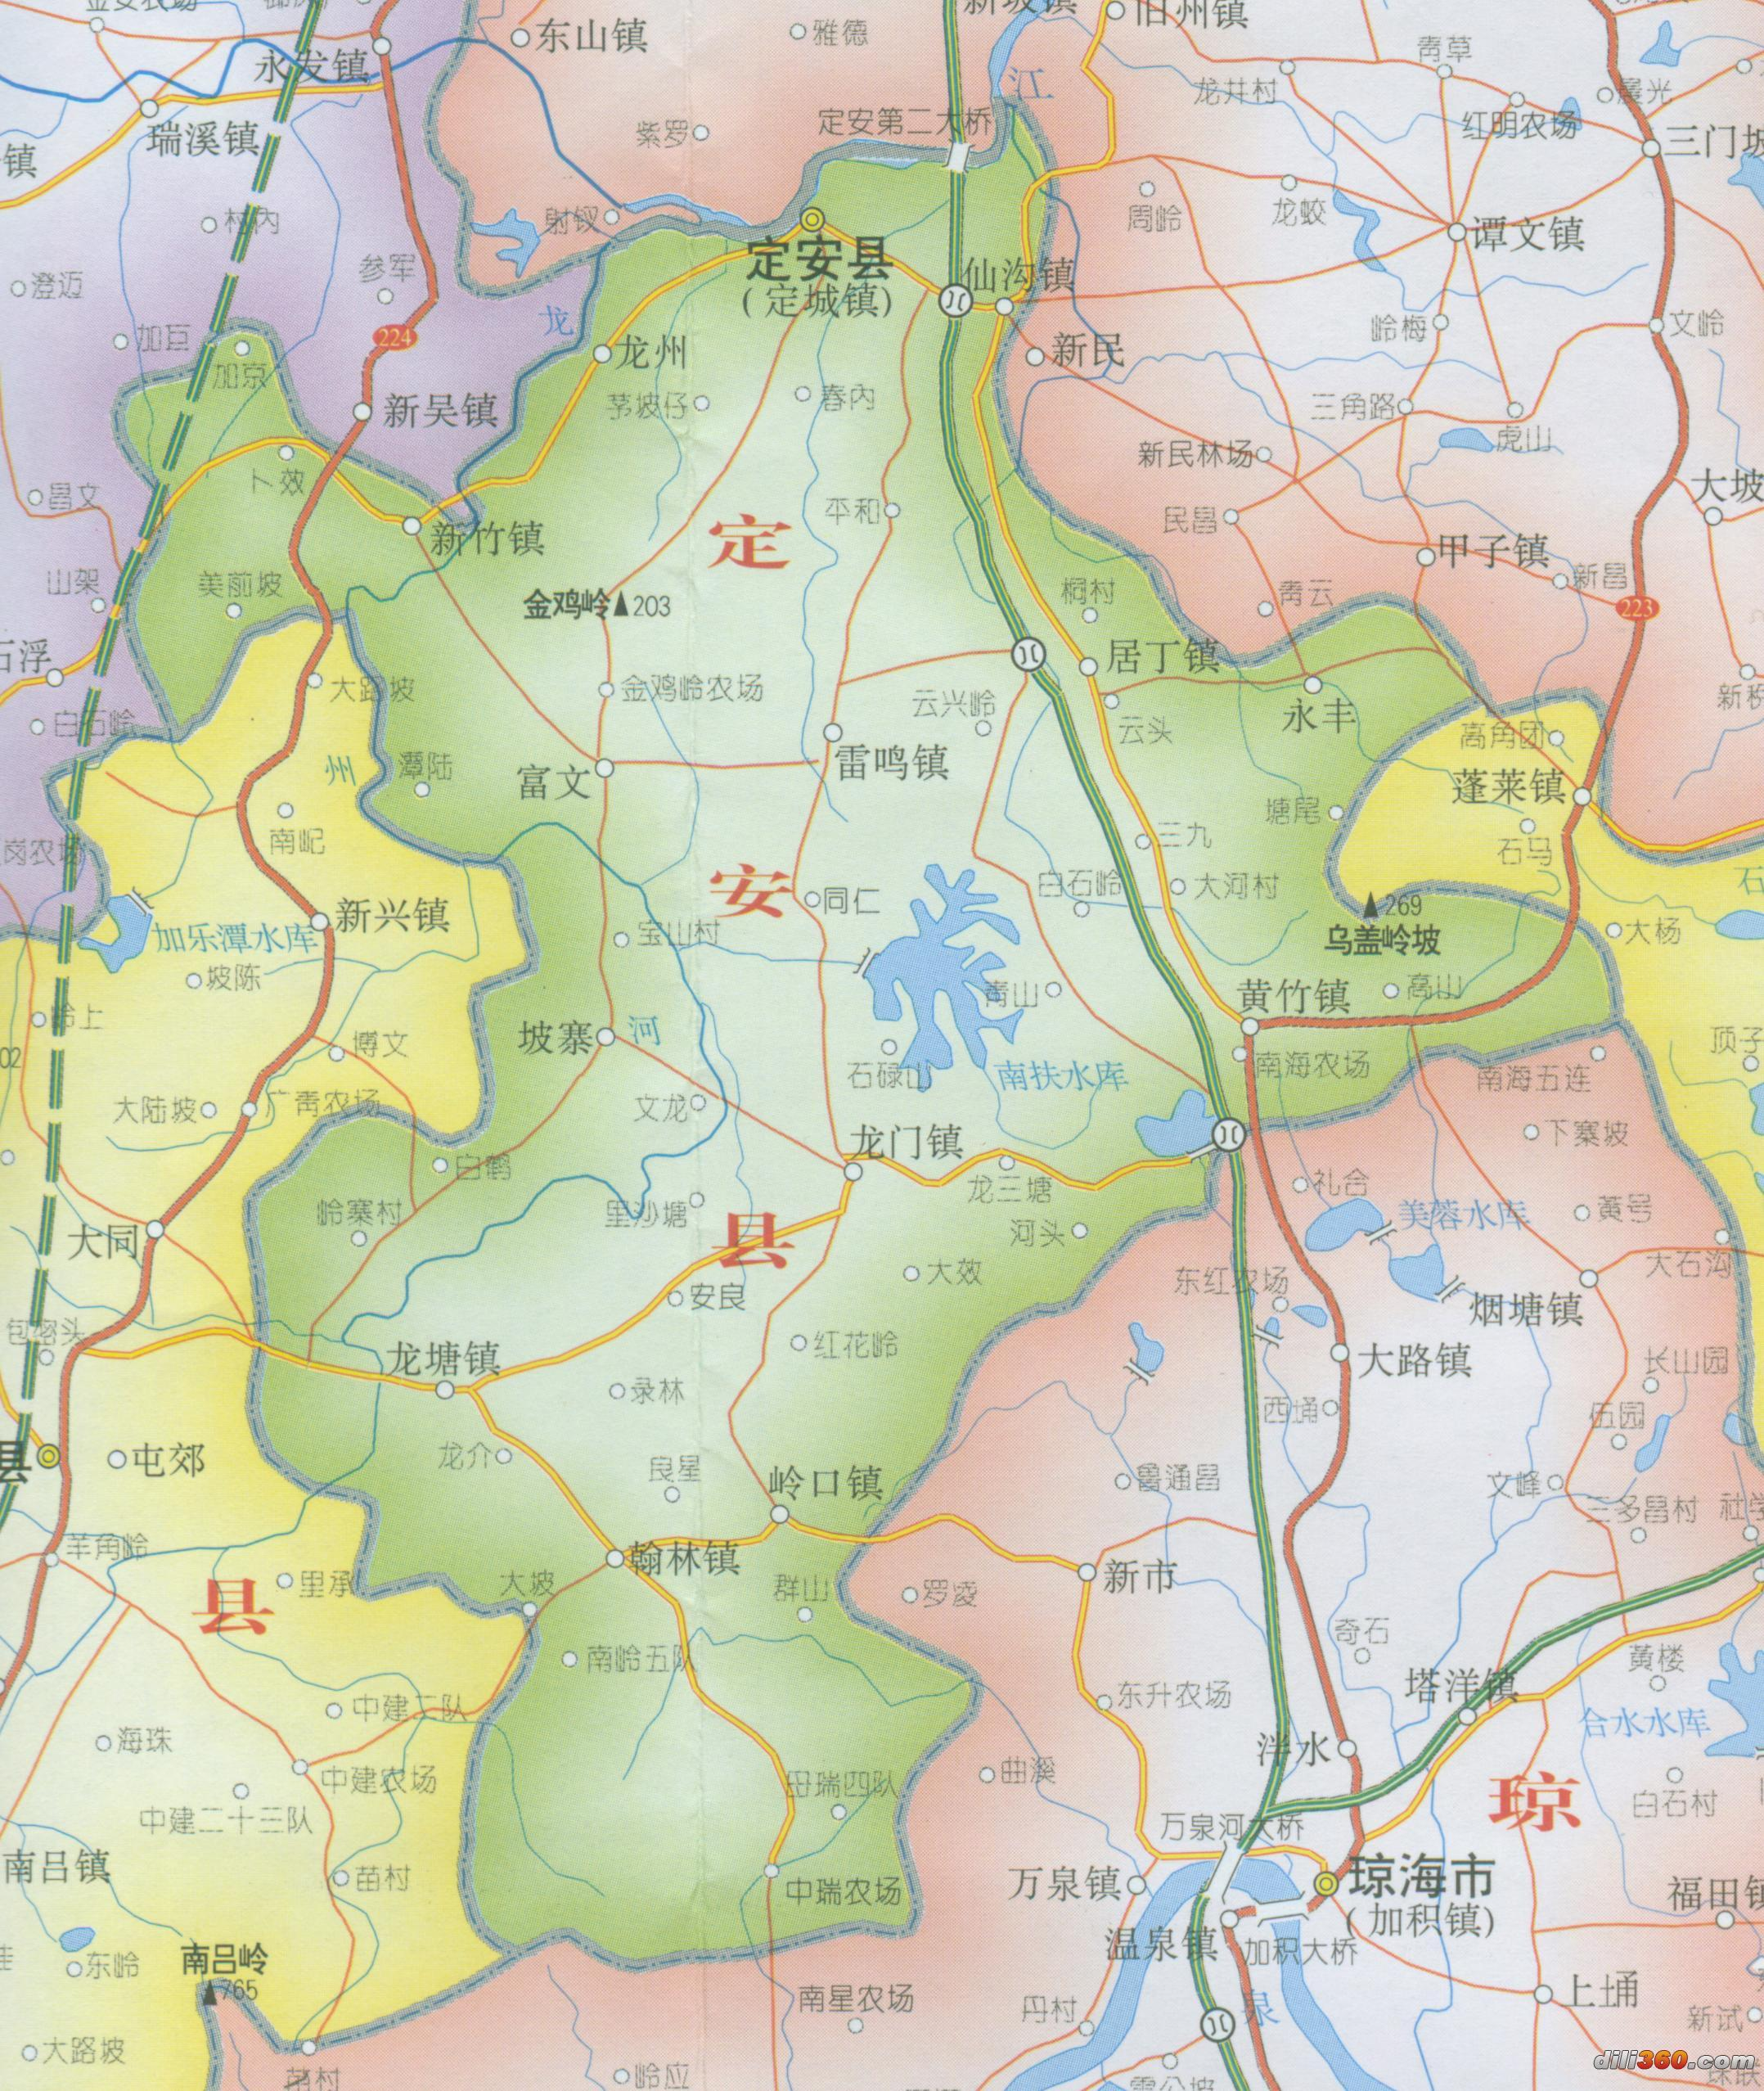 海南岛地图册1比35万,赠送超清晰南海(三沙)地